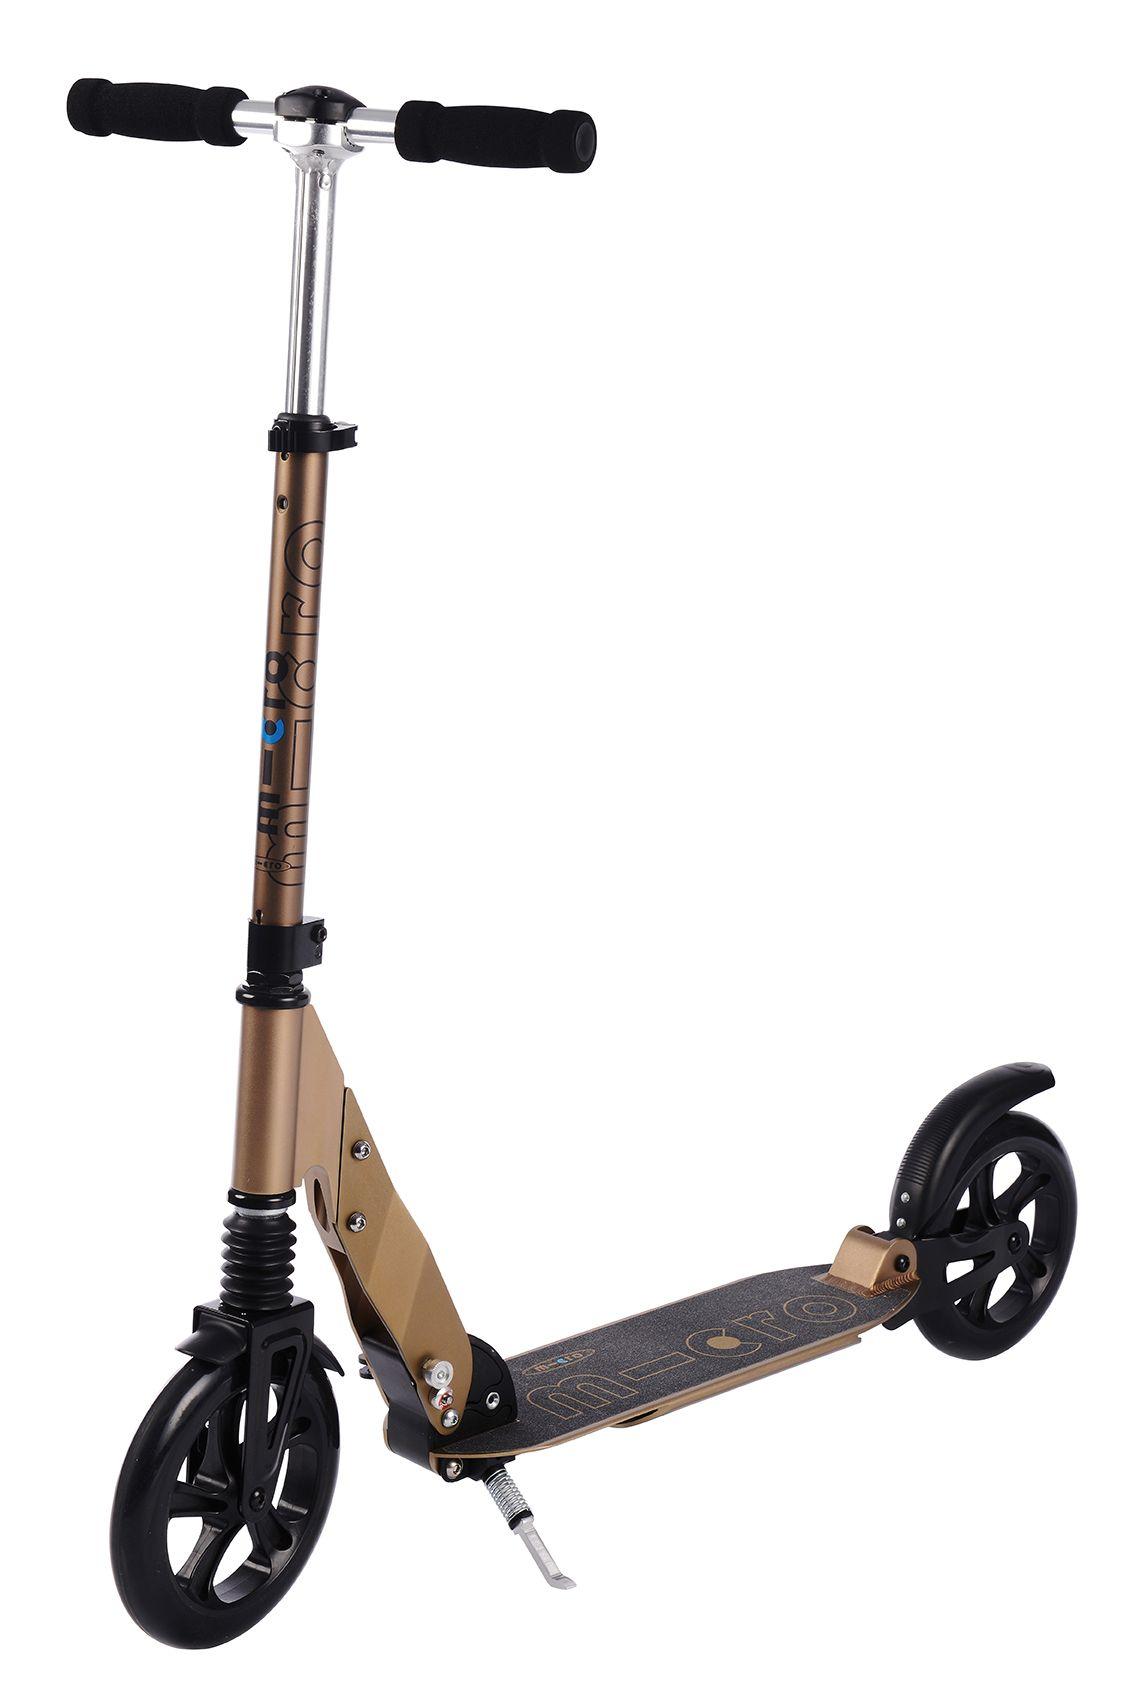 Micro - Suspension Scooter - Bronze (SA0065)